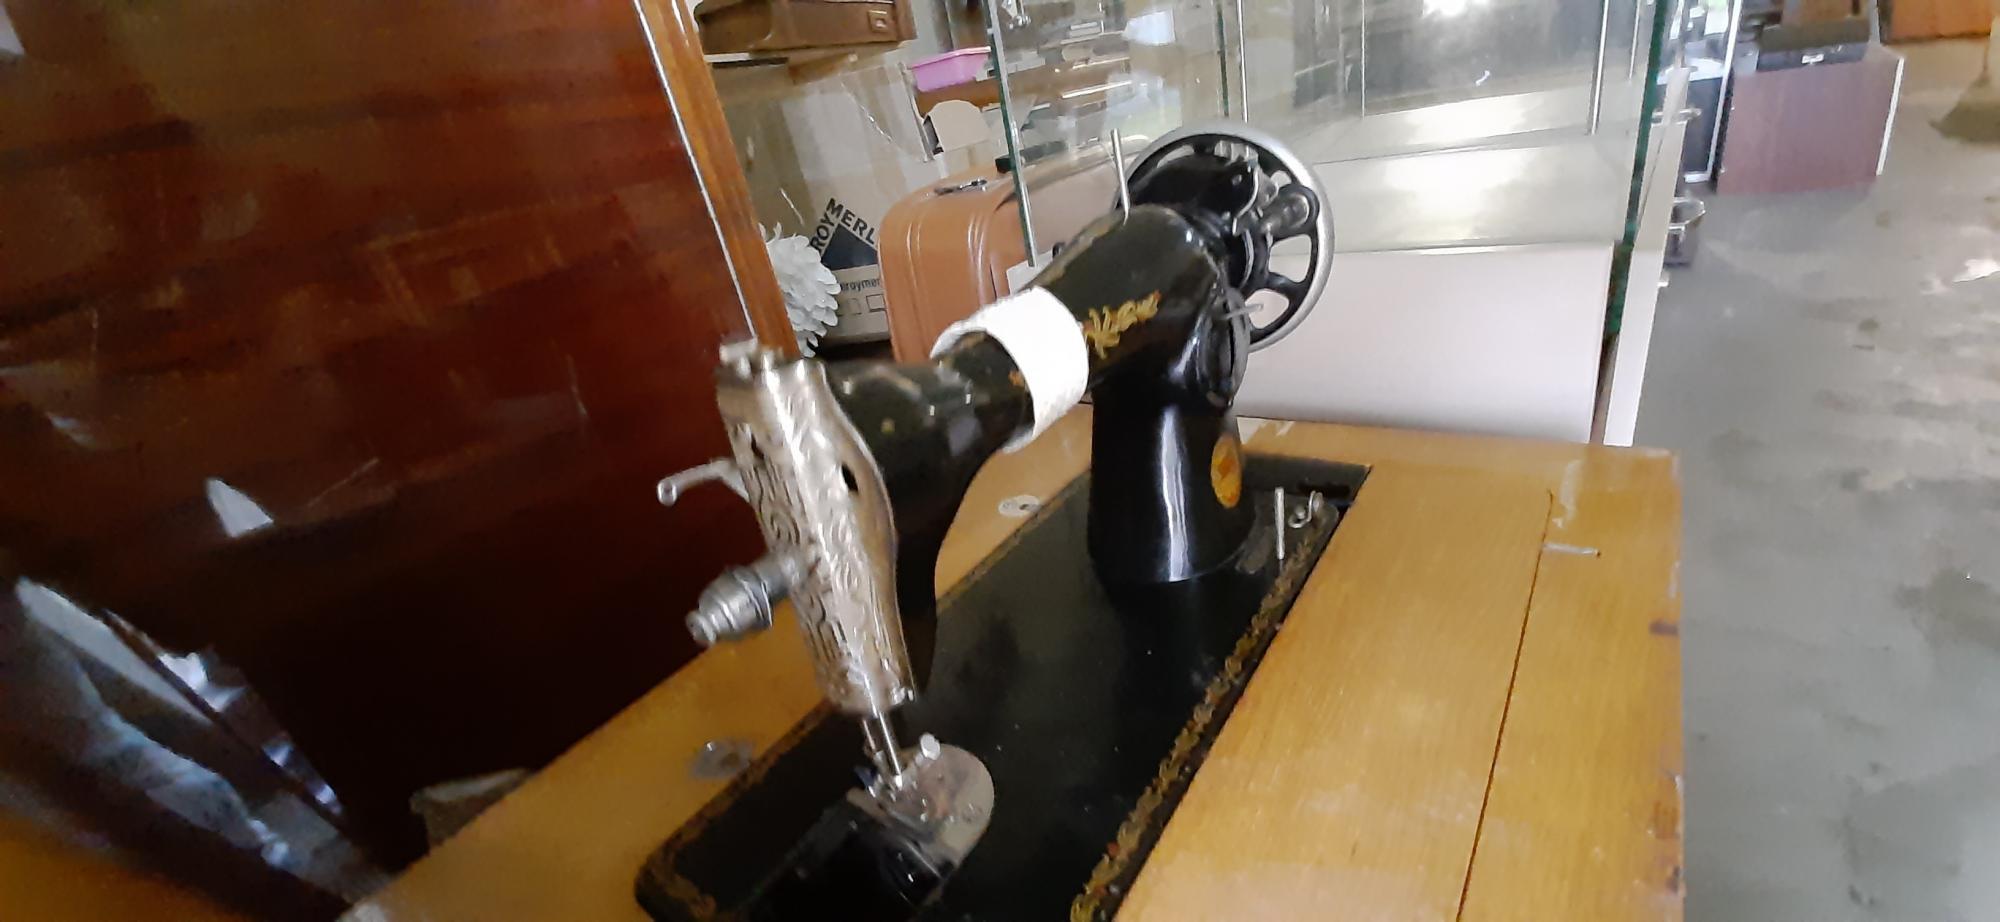 Швейная машинка ПМЗ в Москве 89299765583 купить 2